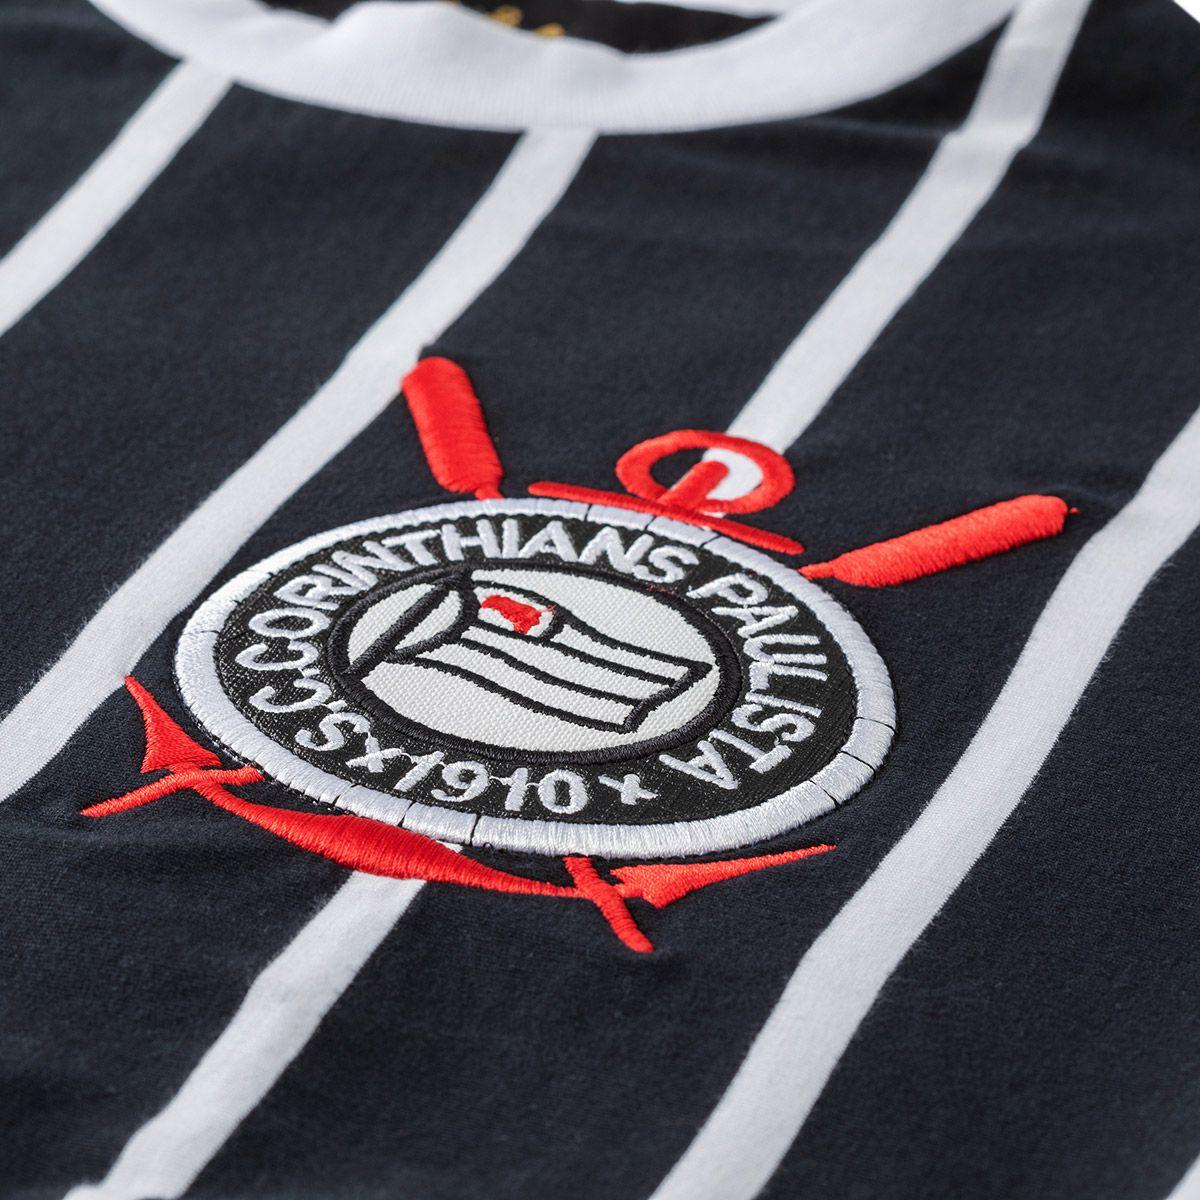 Camisa Retrô Corinthians 1977 Edição Especial Masculina